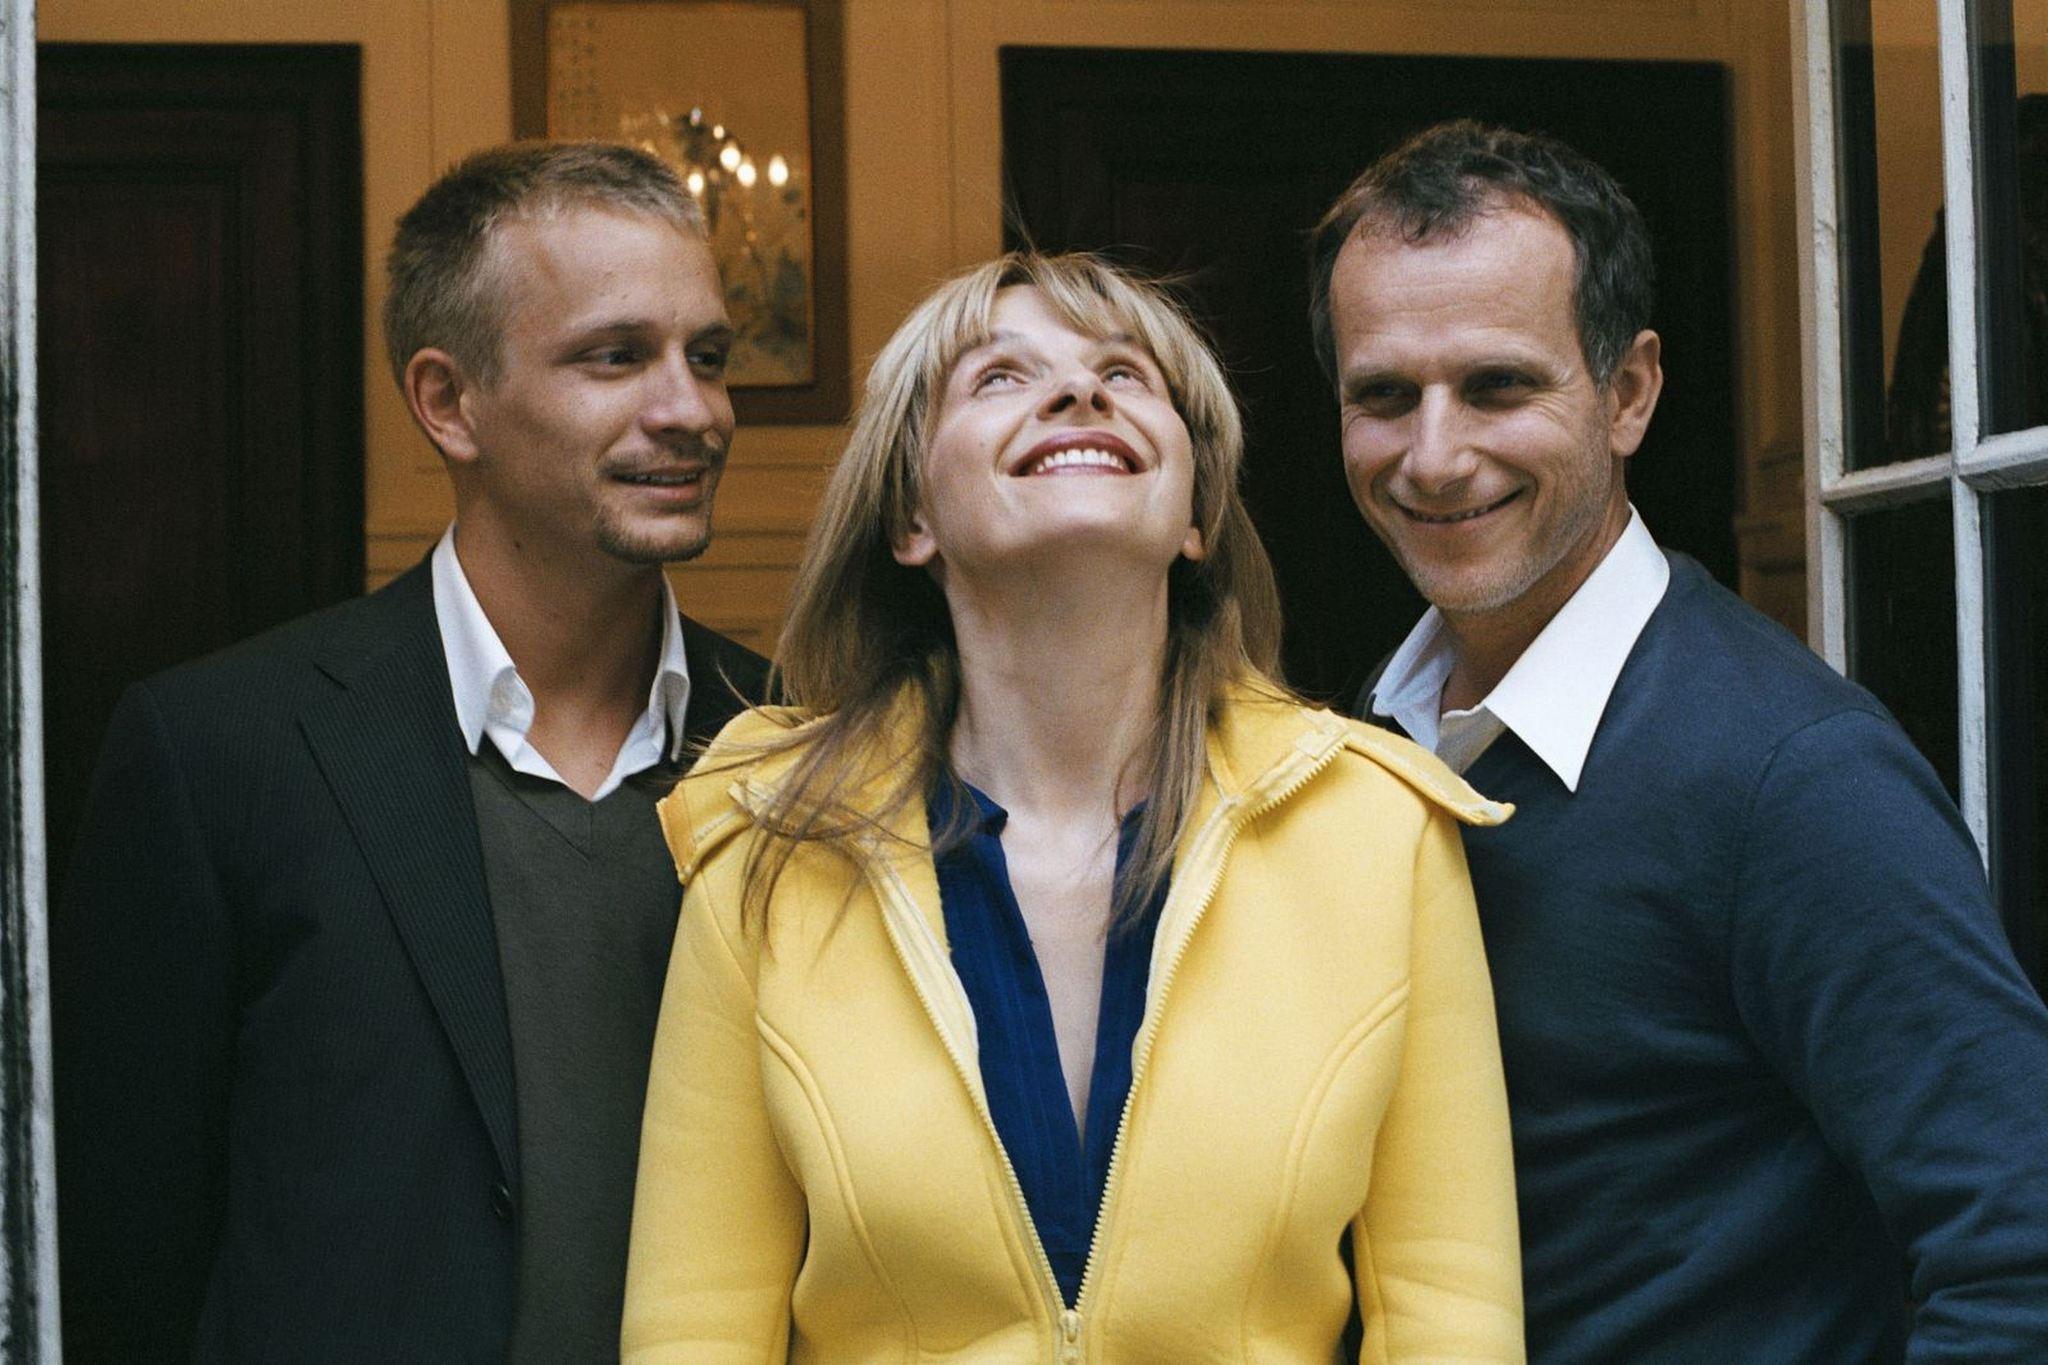 Juliette Binoche, Charles Berling, and Jérémie Renier in L'heure d'été (2008)